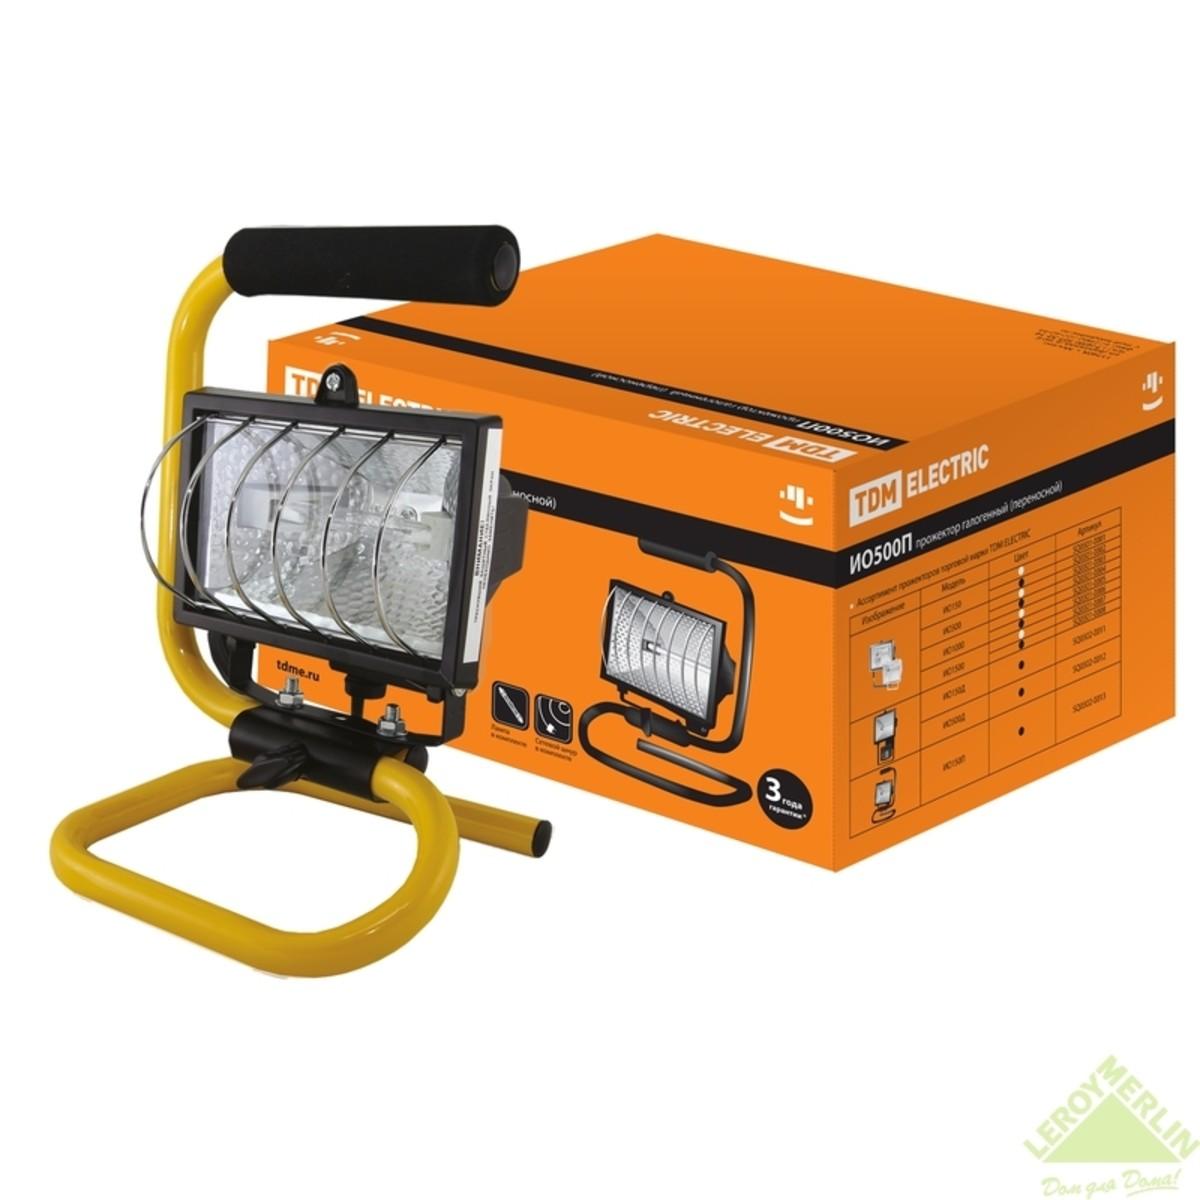 Прожектор галогеновый ИО500W с переноской IP54